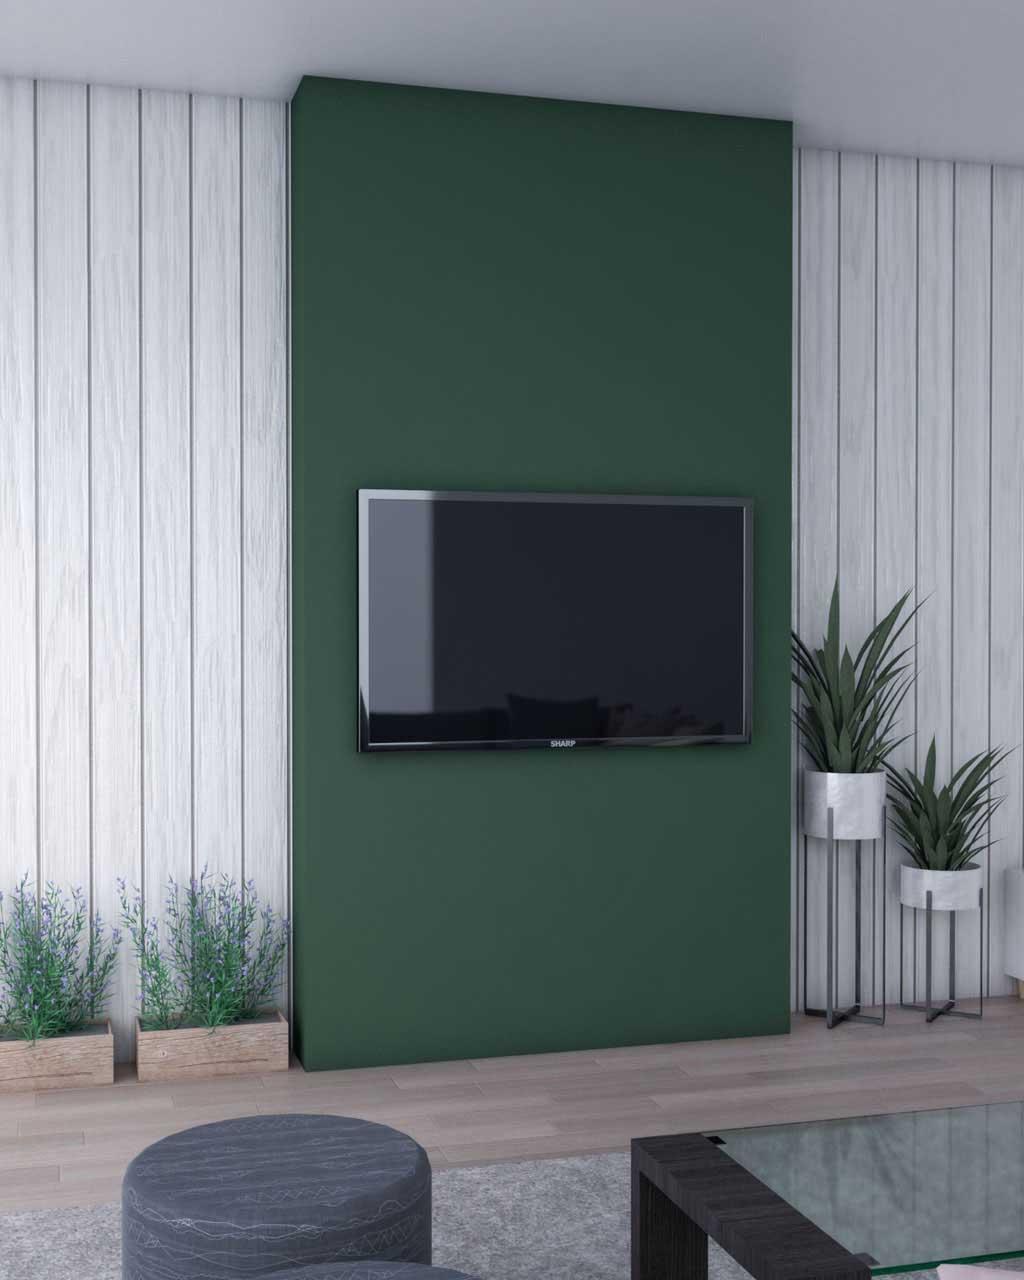 نقاشی دیوار پشت تلویزیون به رنگ سبز با طرح عمودی